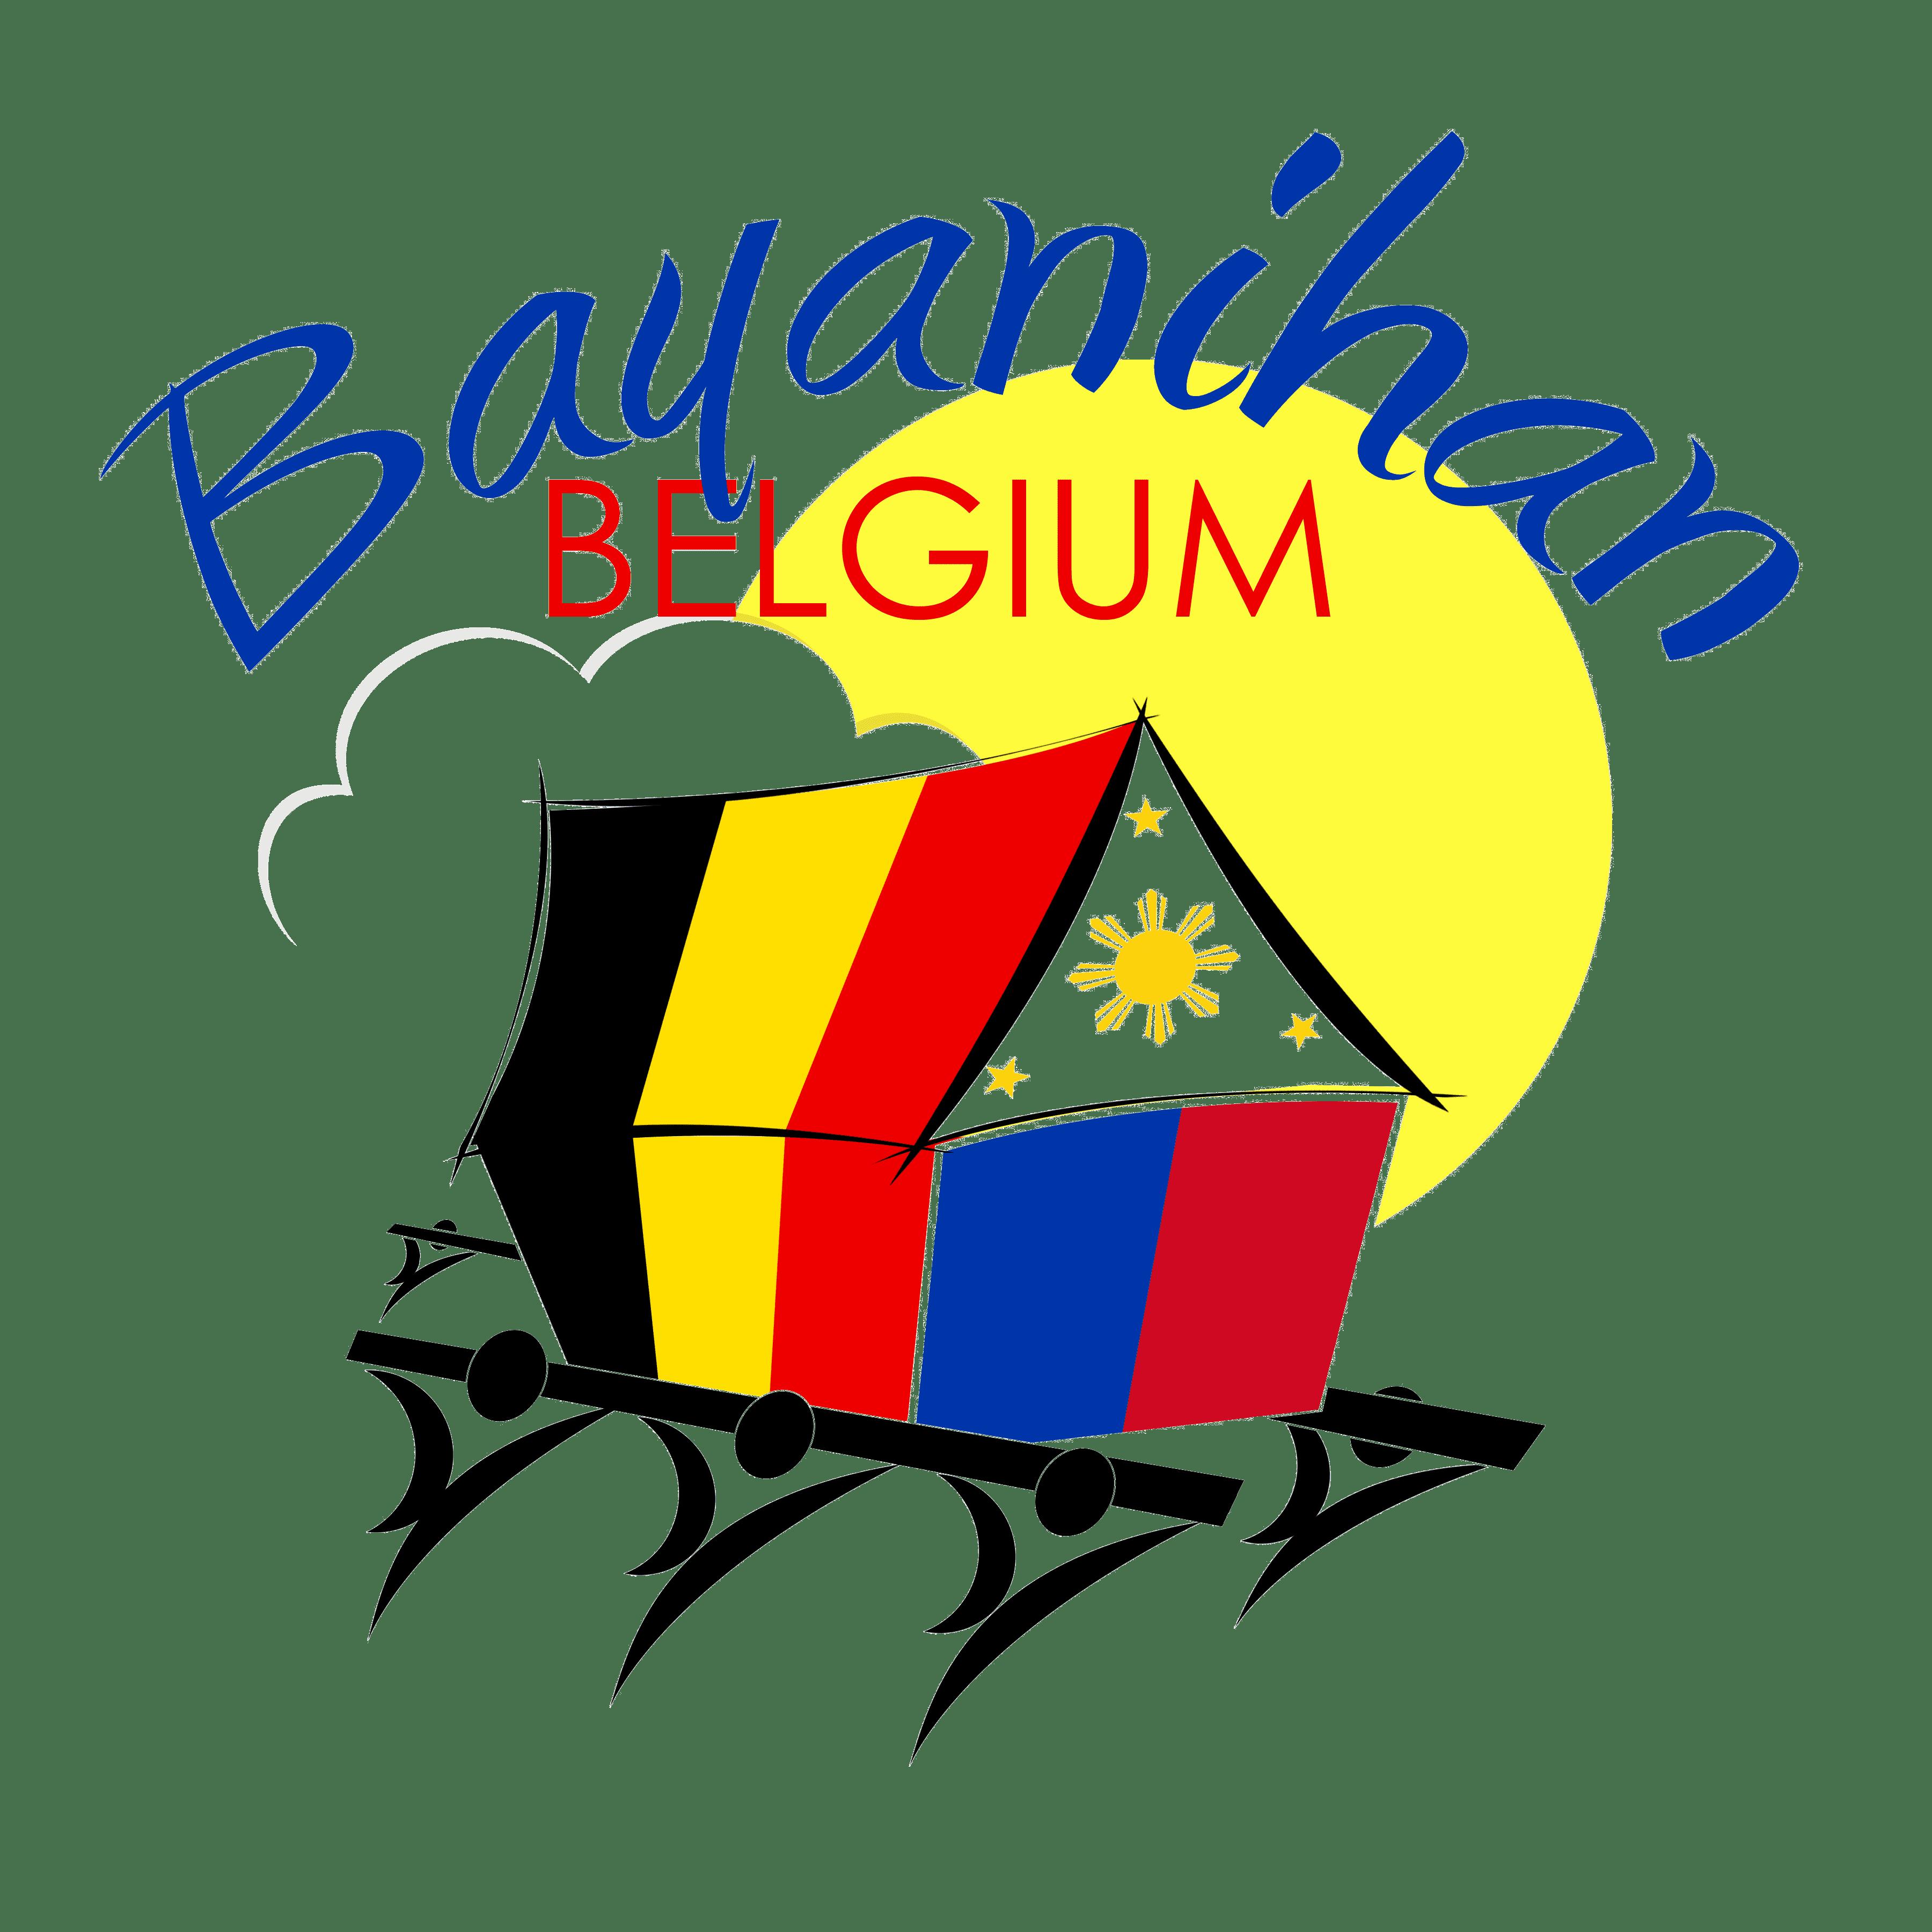 Bayanihan Belgium